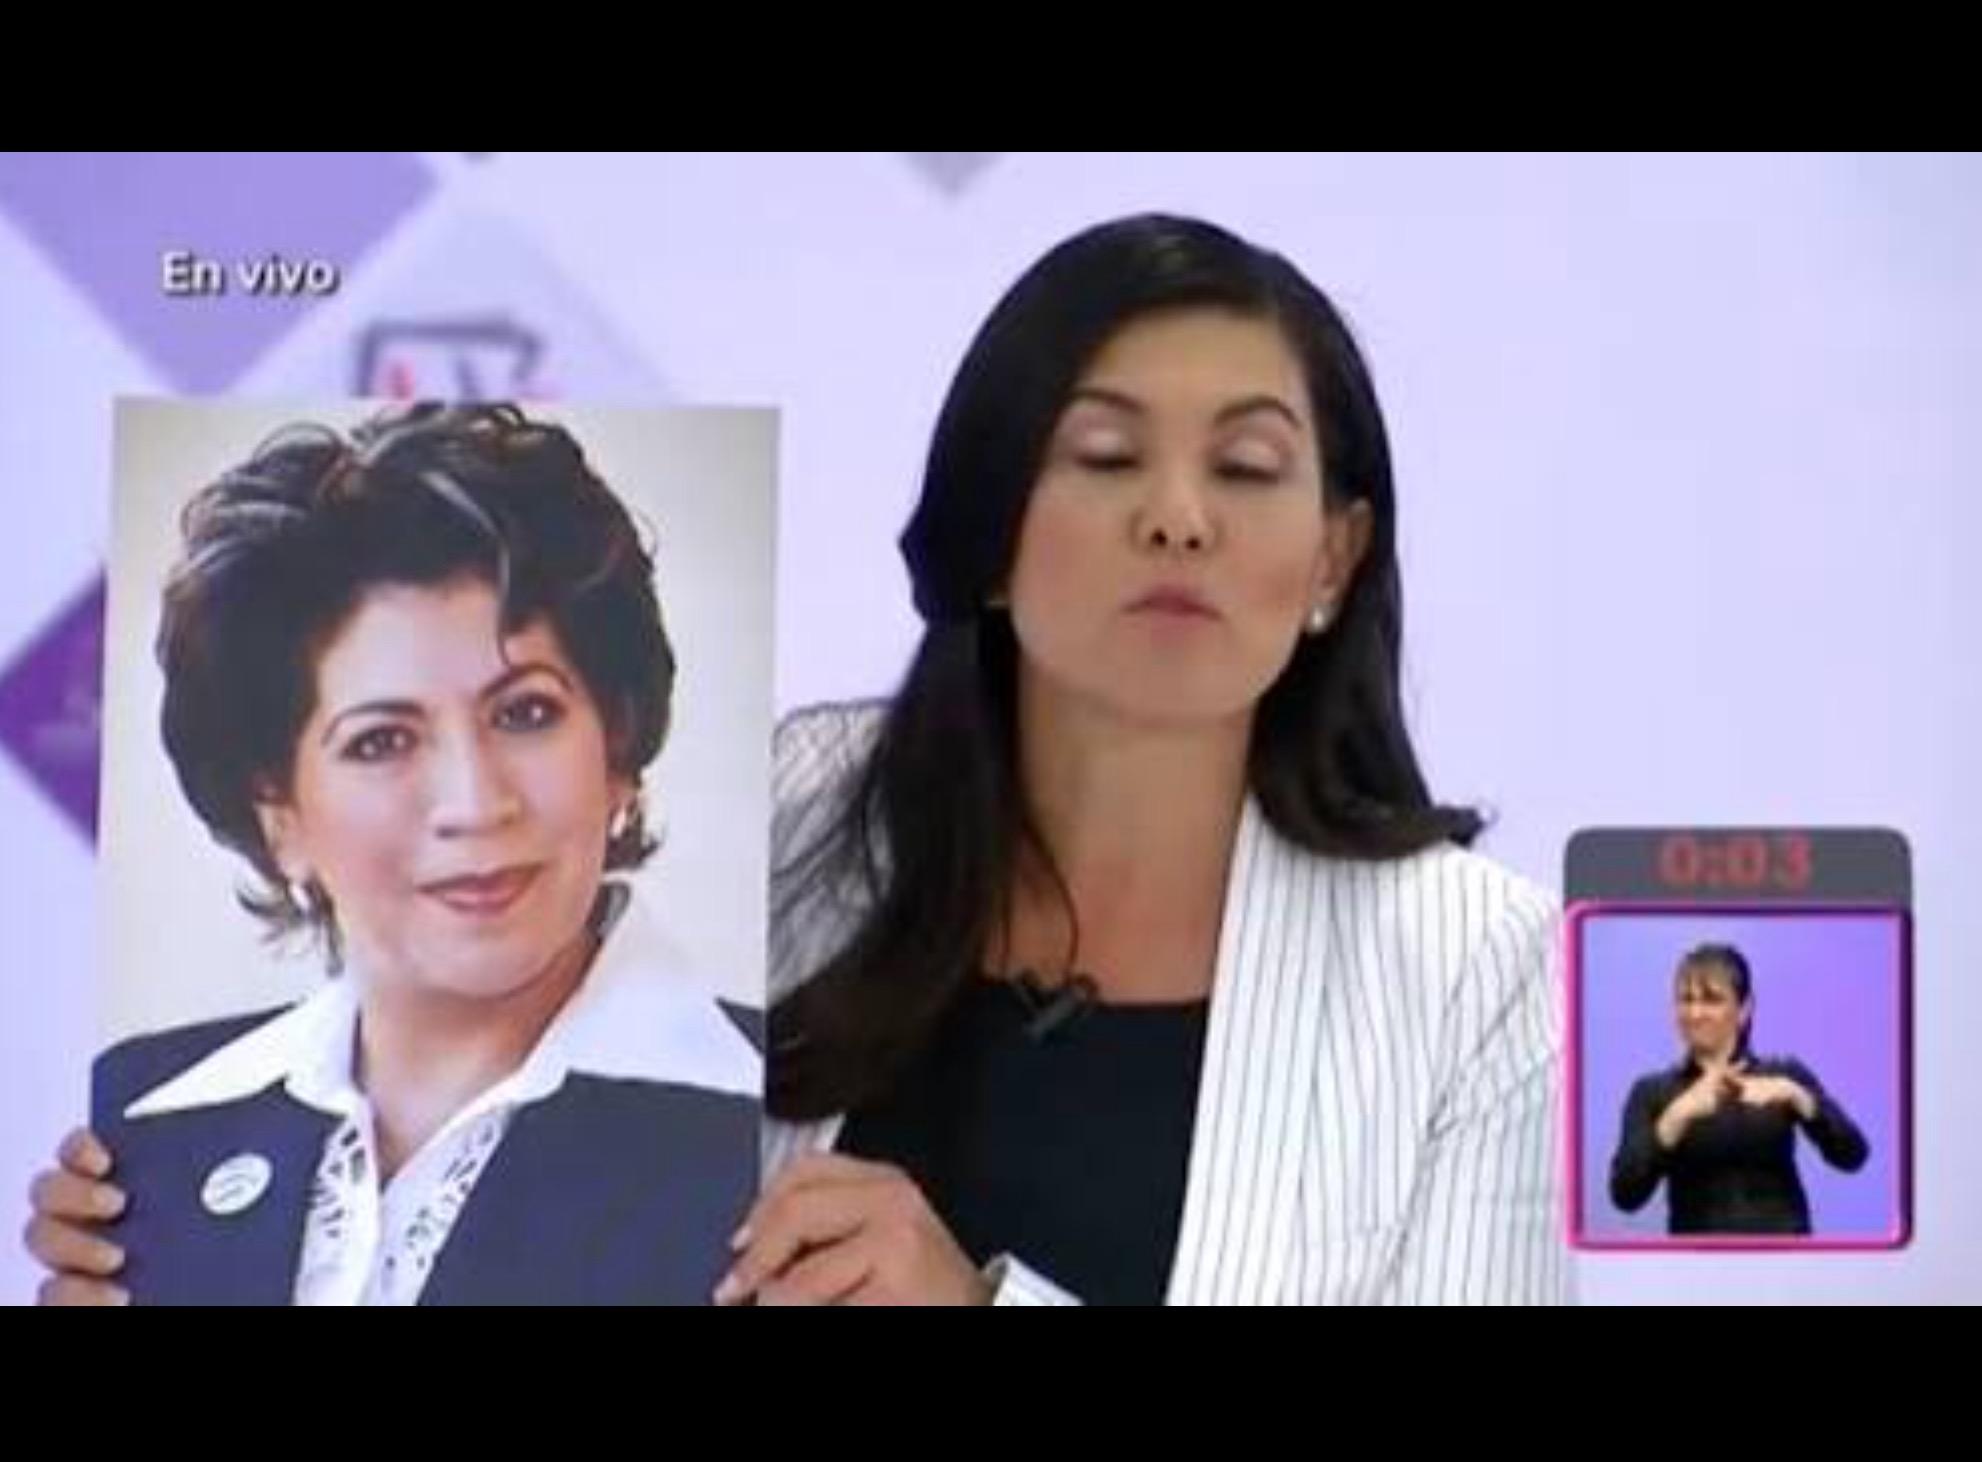 Ataques a Delfina, paradigma de la violencia política en Edoméx